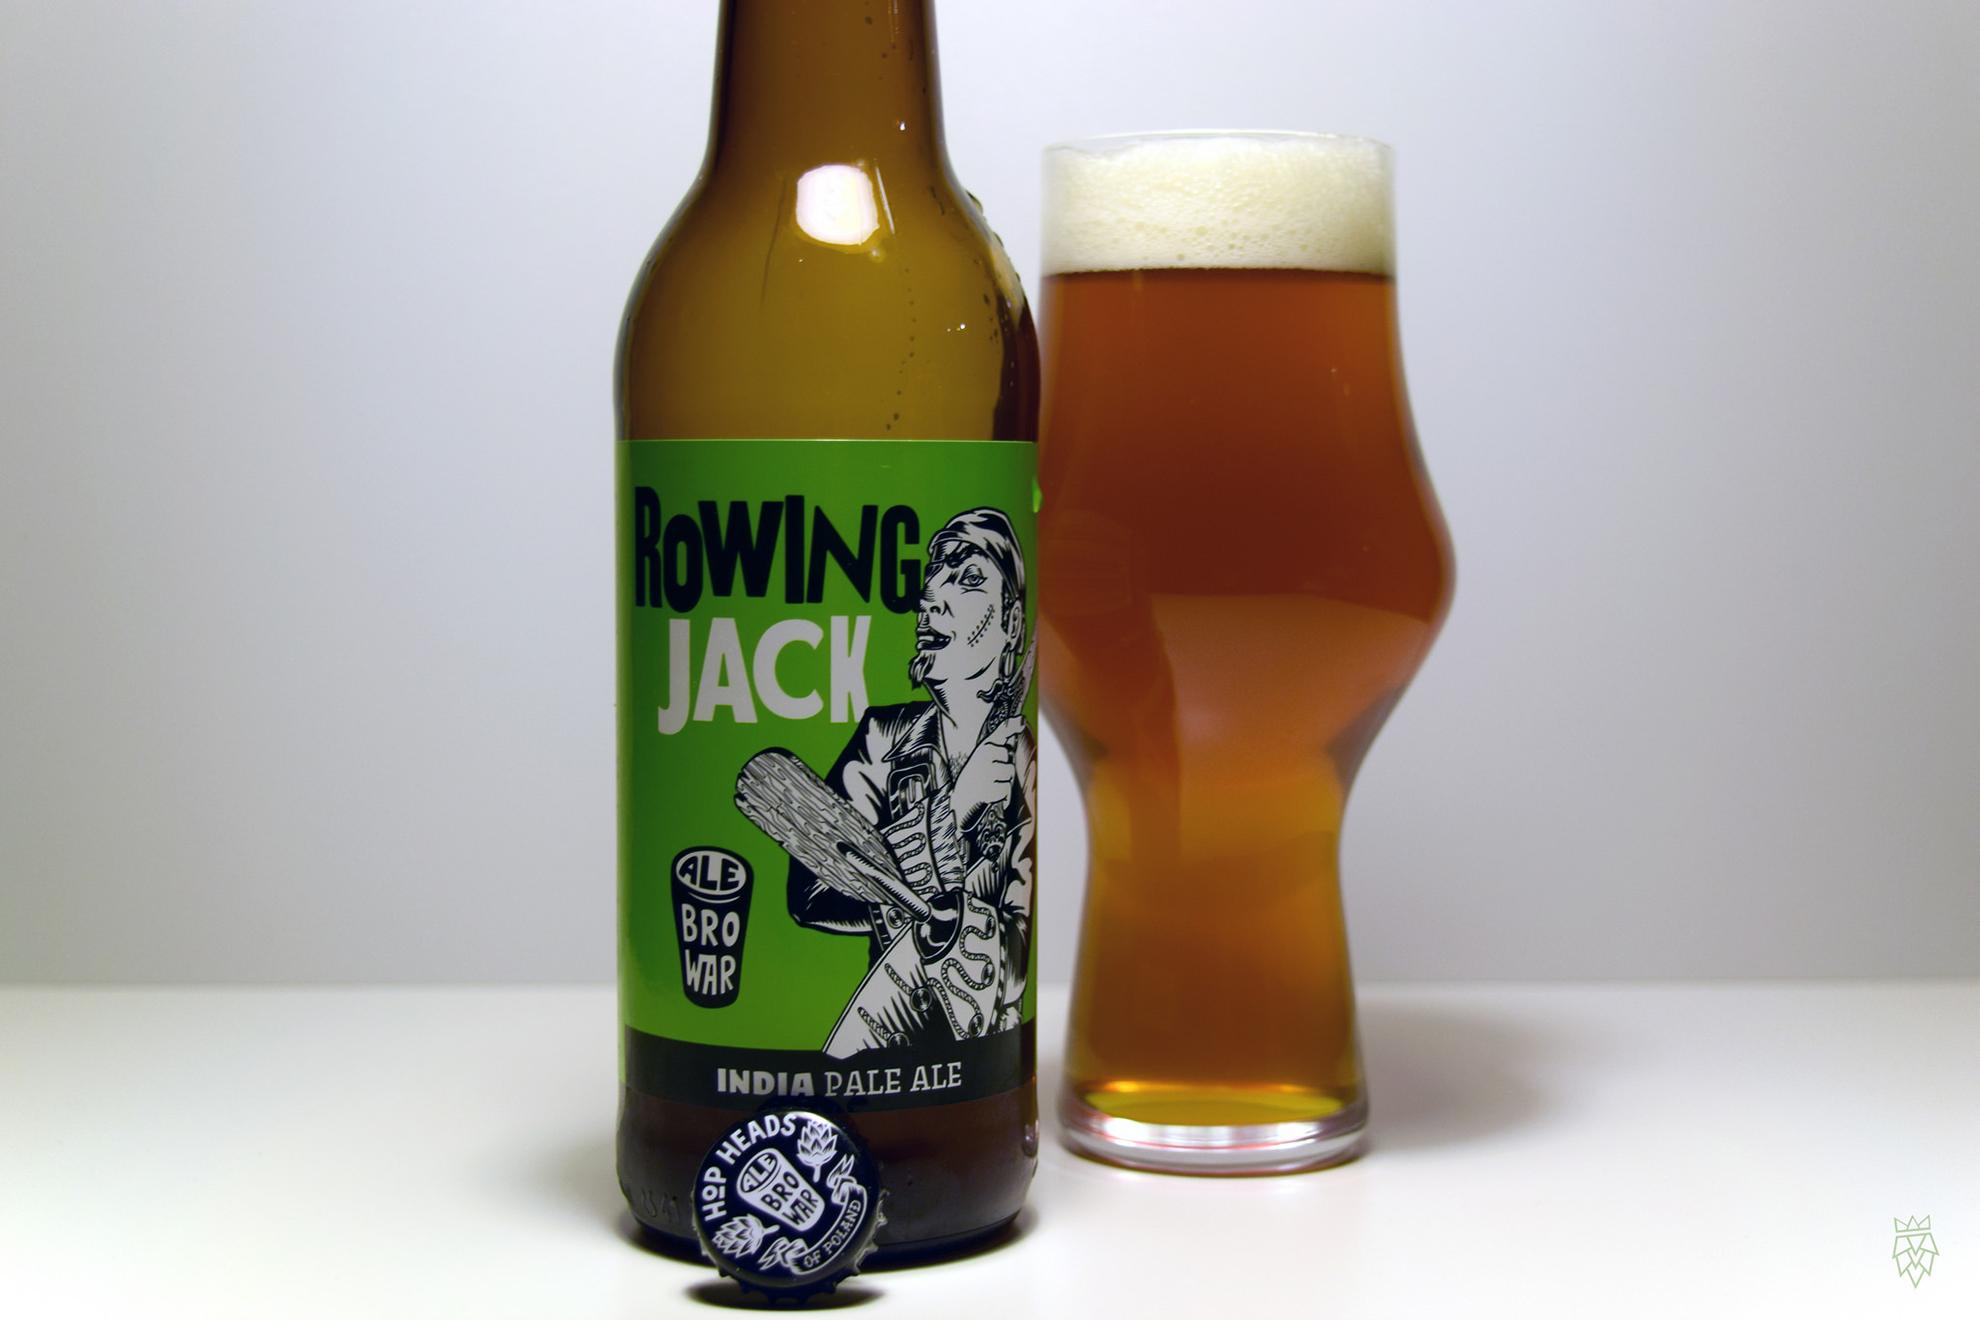 Rowing Jack